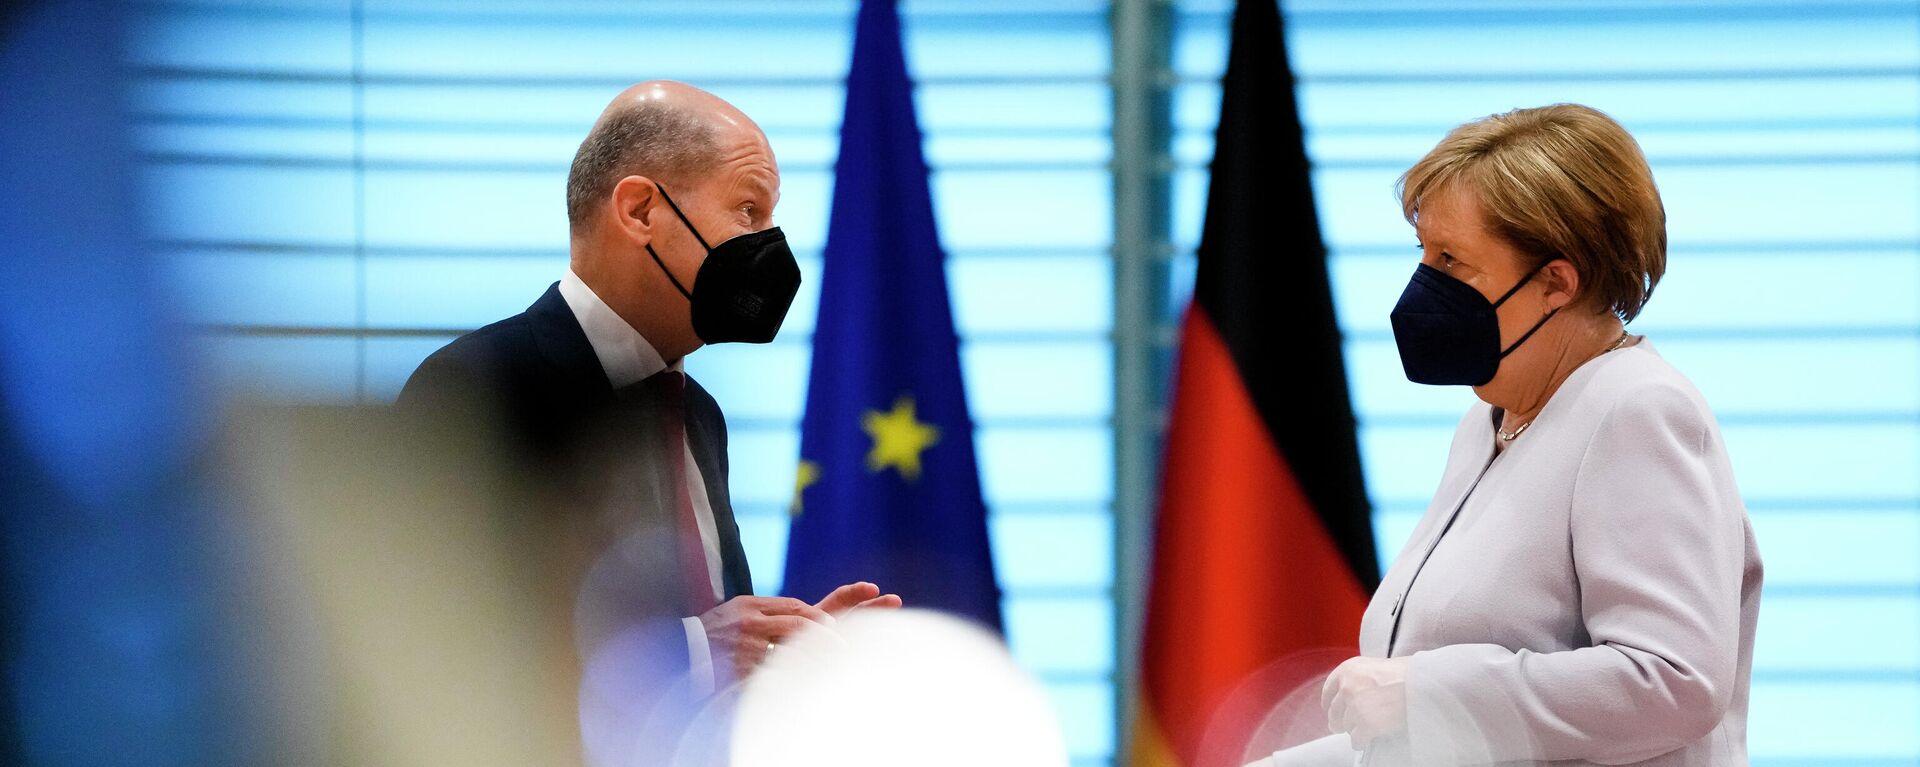 SPD-Kanzlerkandidat Olaf Scholz und Kanzlerin Angela Merkel - SNA, 1920, 01.09.2021